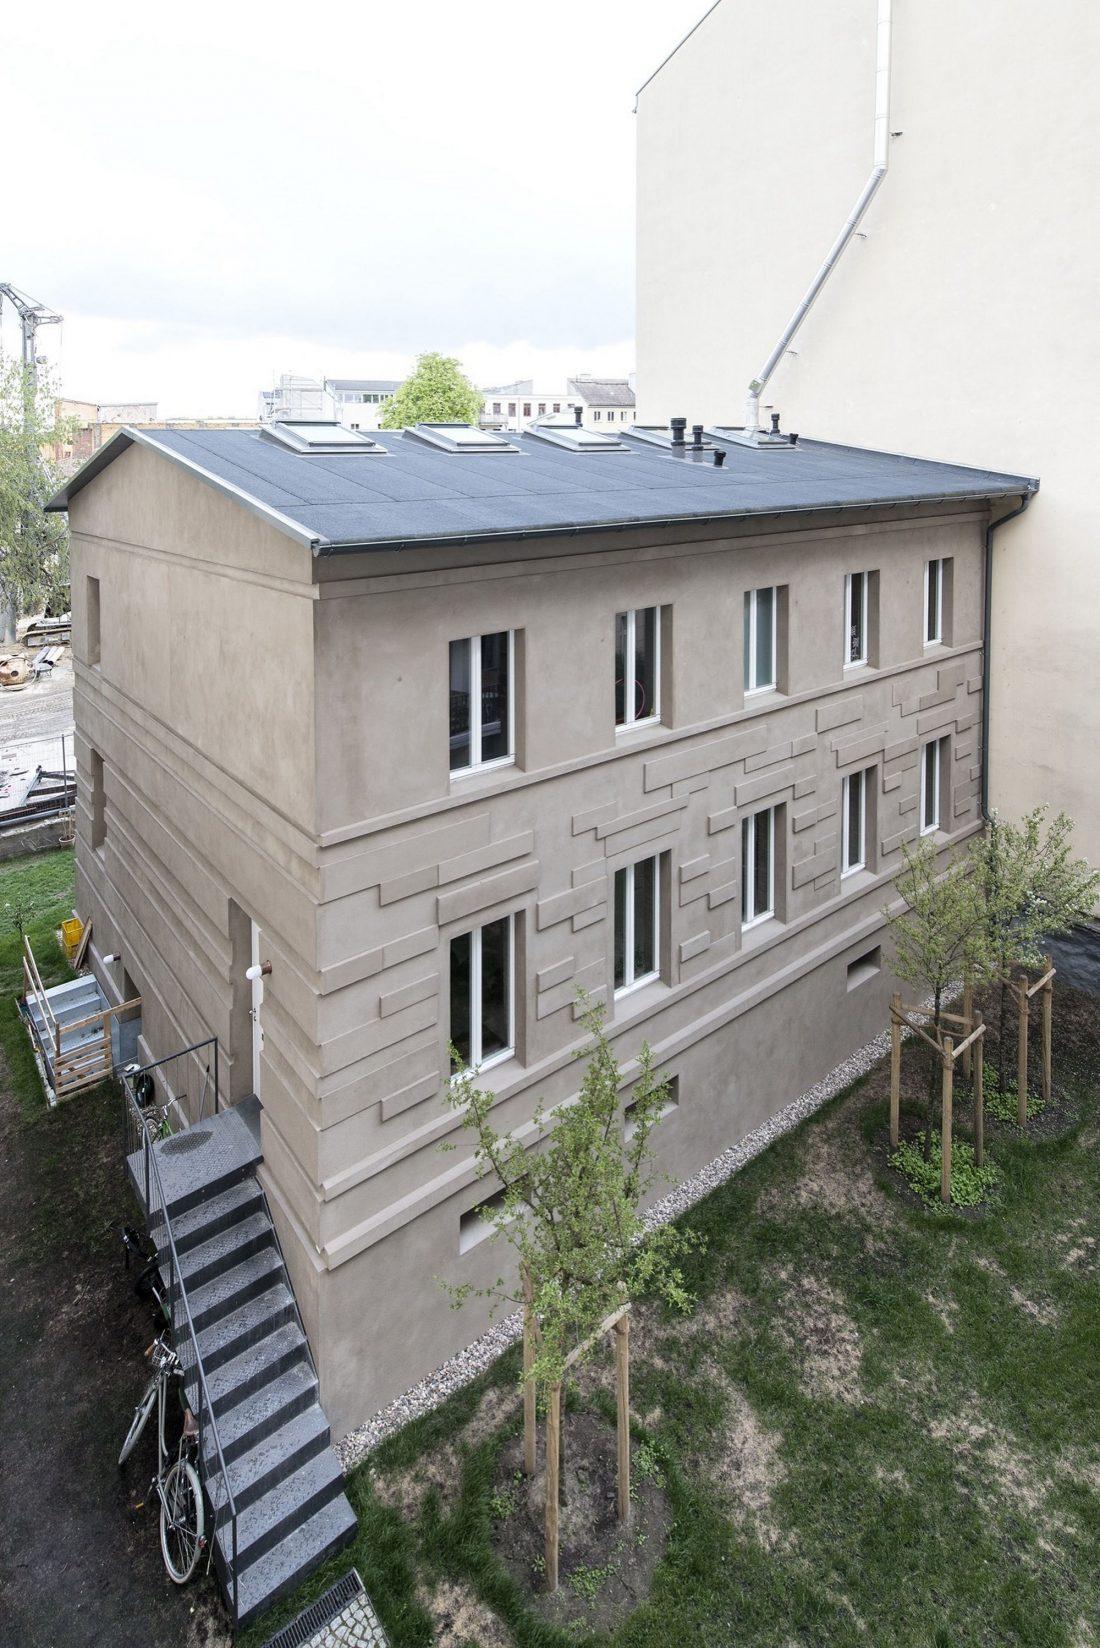 rekonstruktsiya-starinnogo-zdaniya-v-berline-po-proektu-asdfg-architekten-19